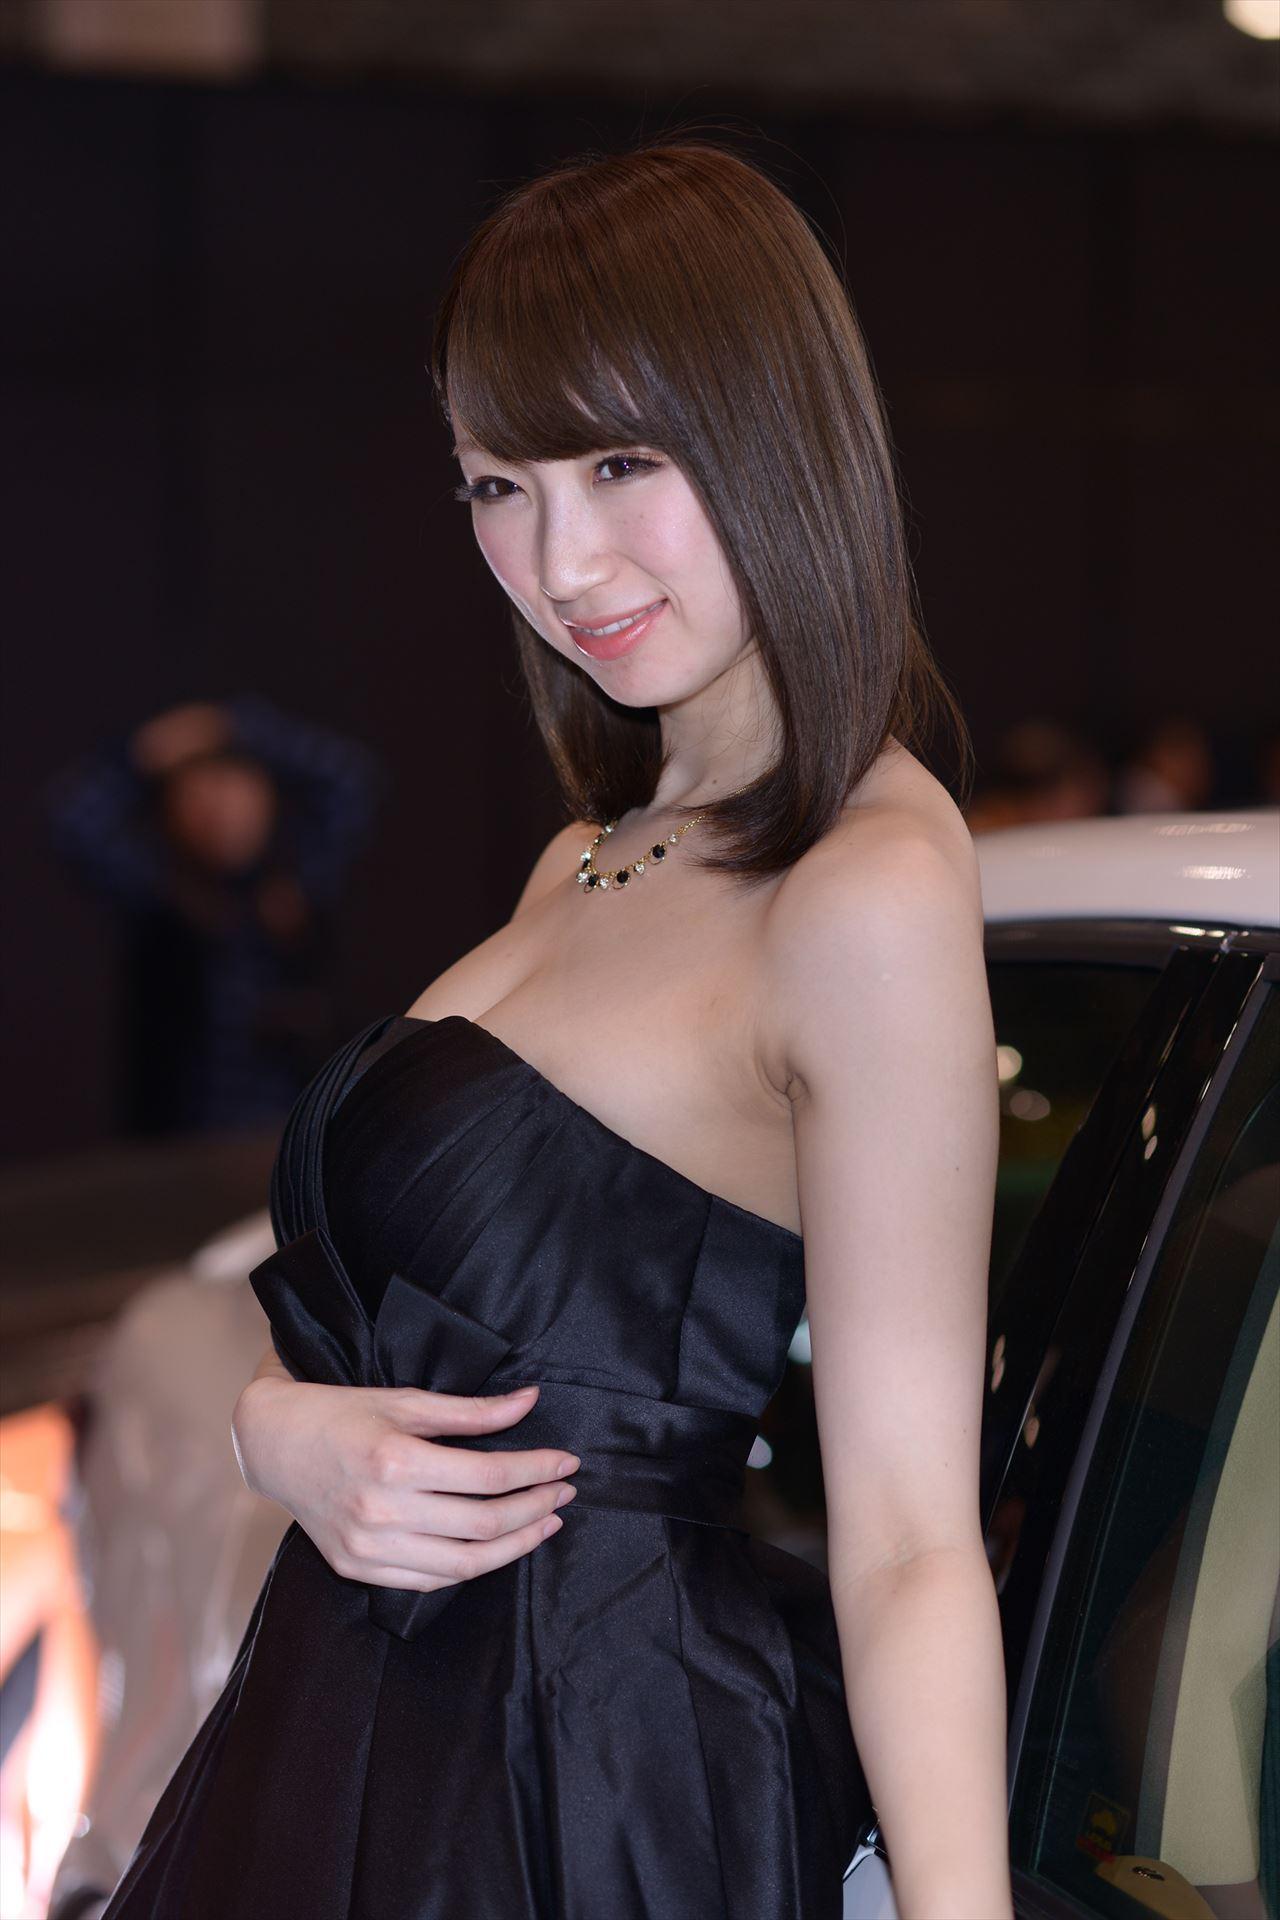 モータショーより車もコンパニオンも過激な東京オートサロンに期待せざるえないww【画像40枚】